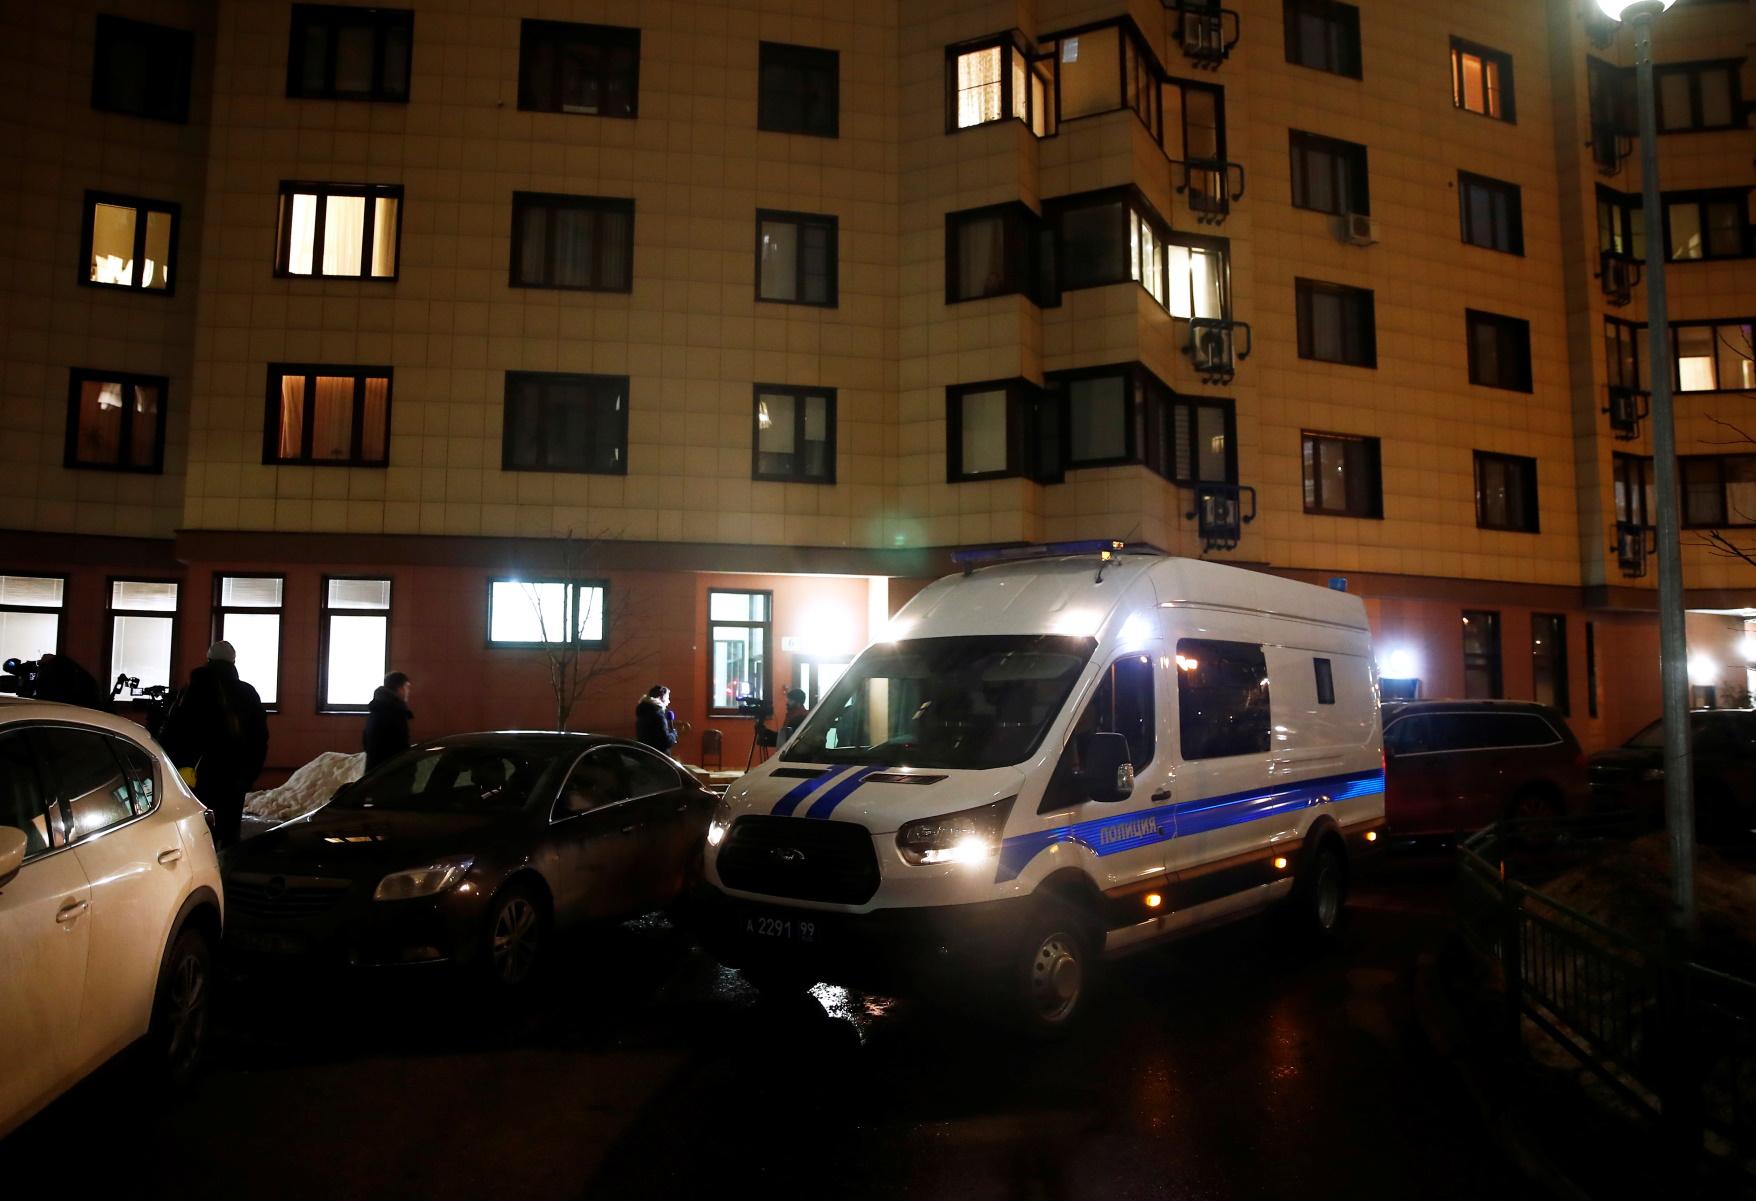 Αδιανόητη τραγωδία: Βρέφος σκοτώθηκε όταν άντρας έπεσε πάνω του από τον 17ο όροφο